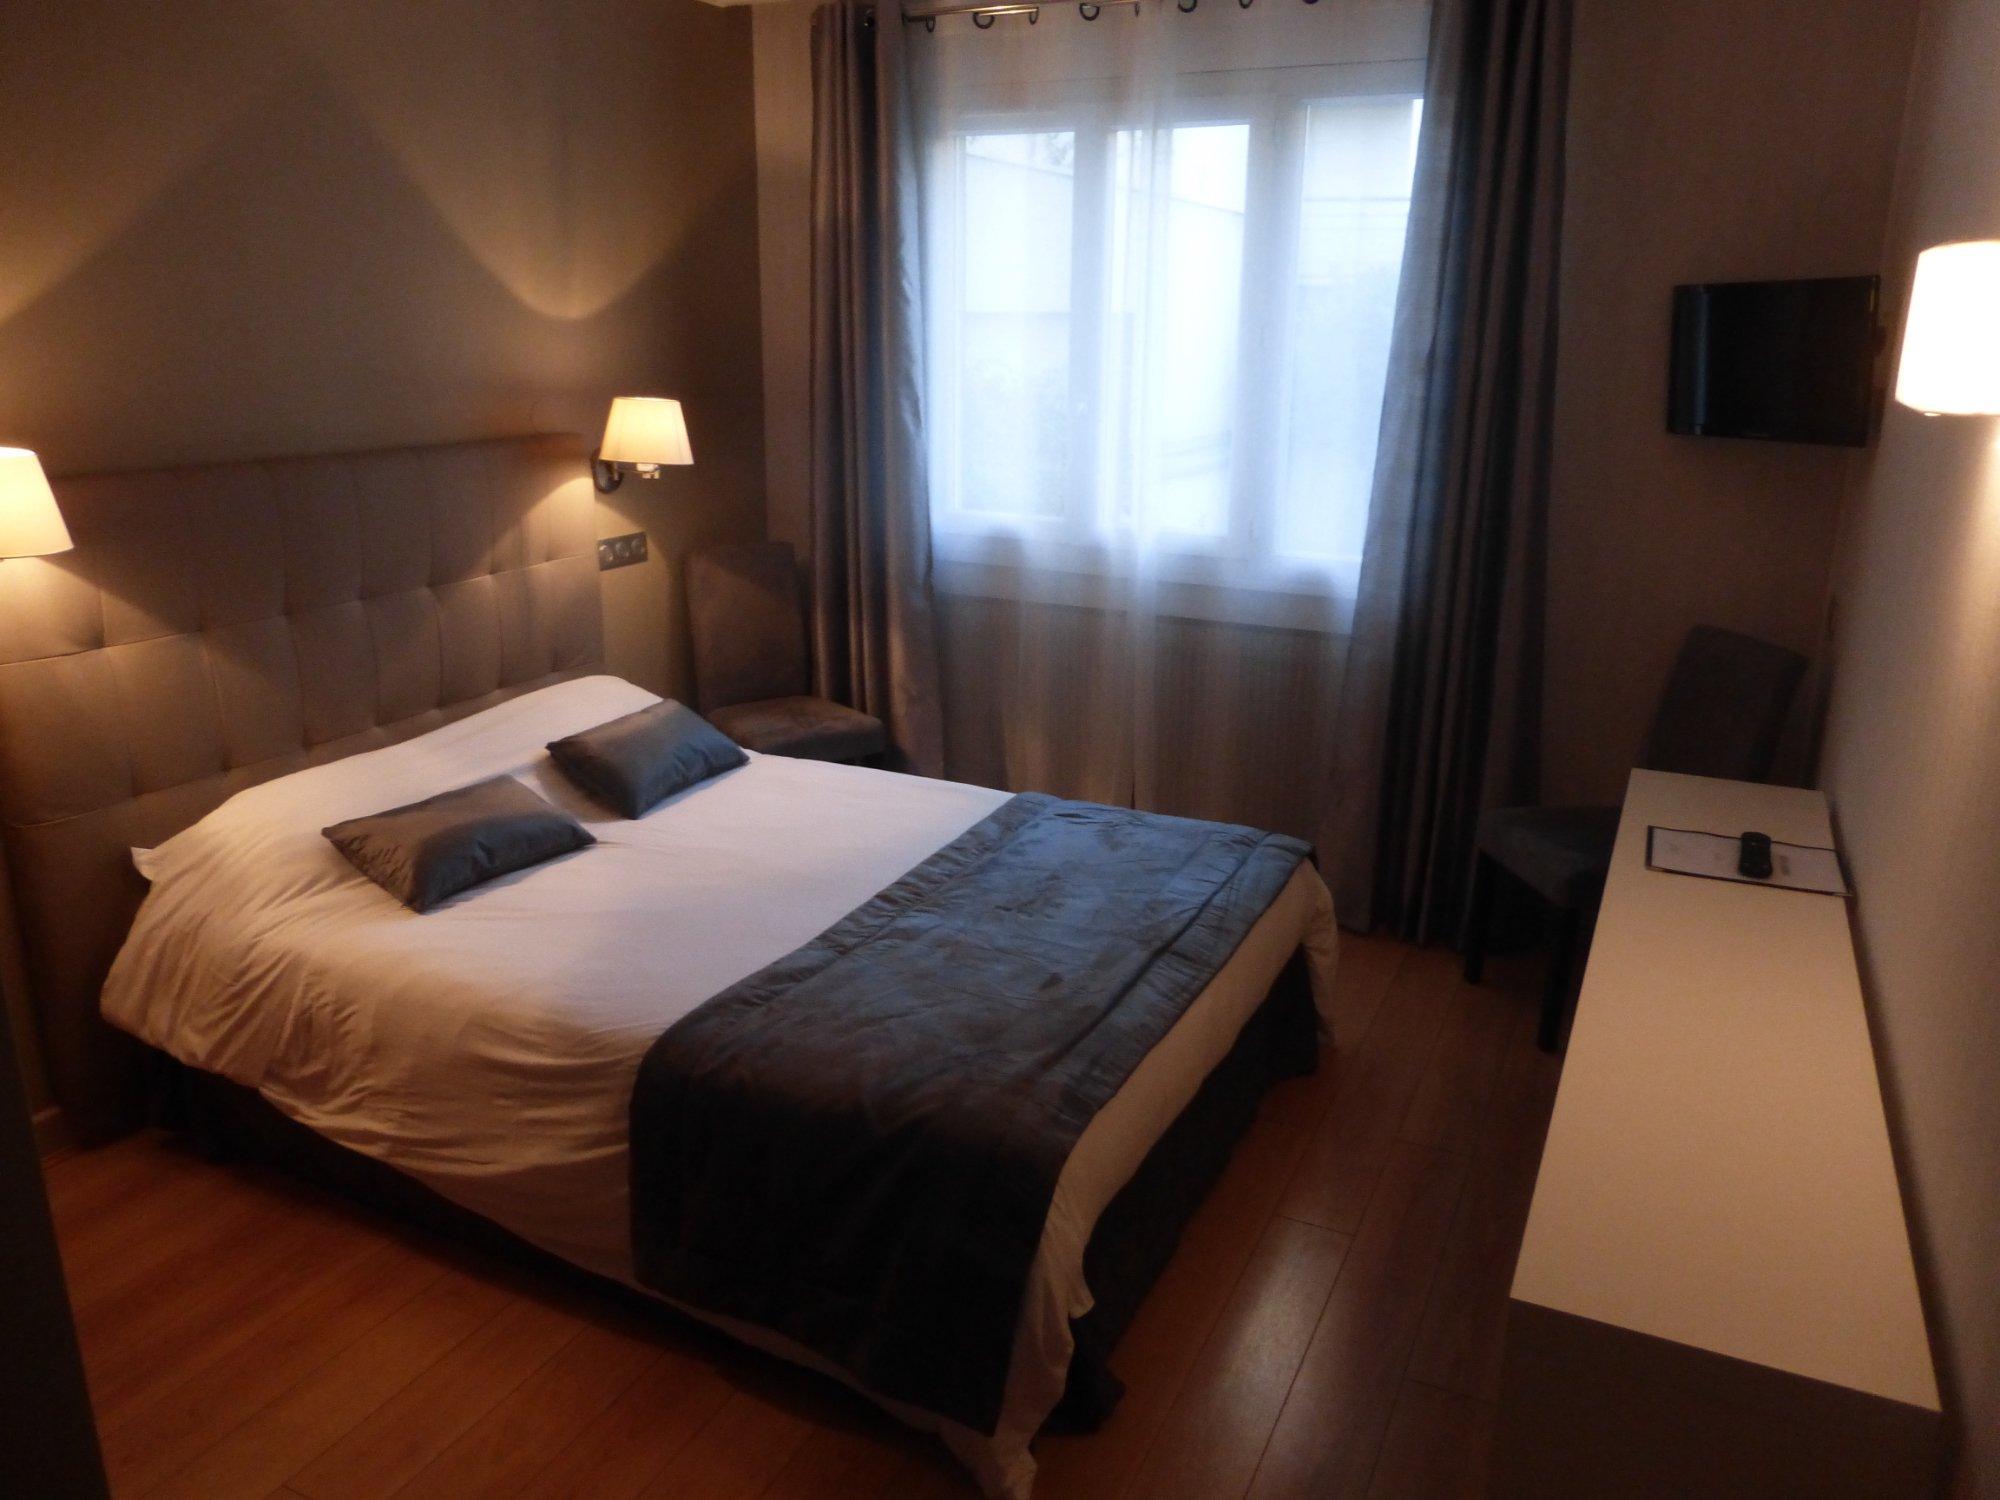 Hotel Laennec